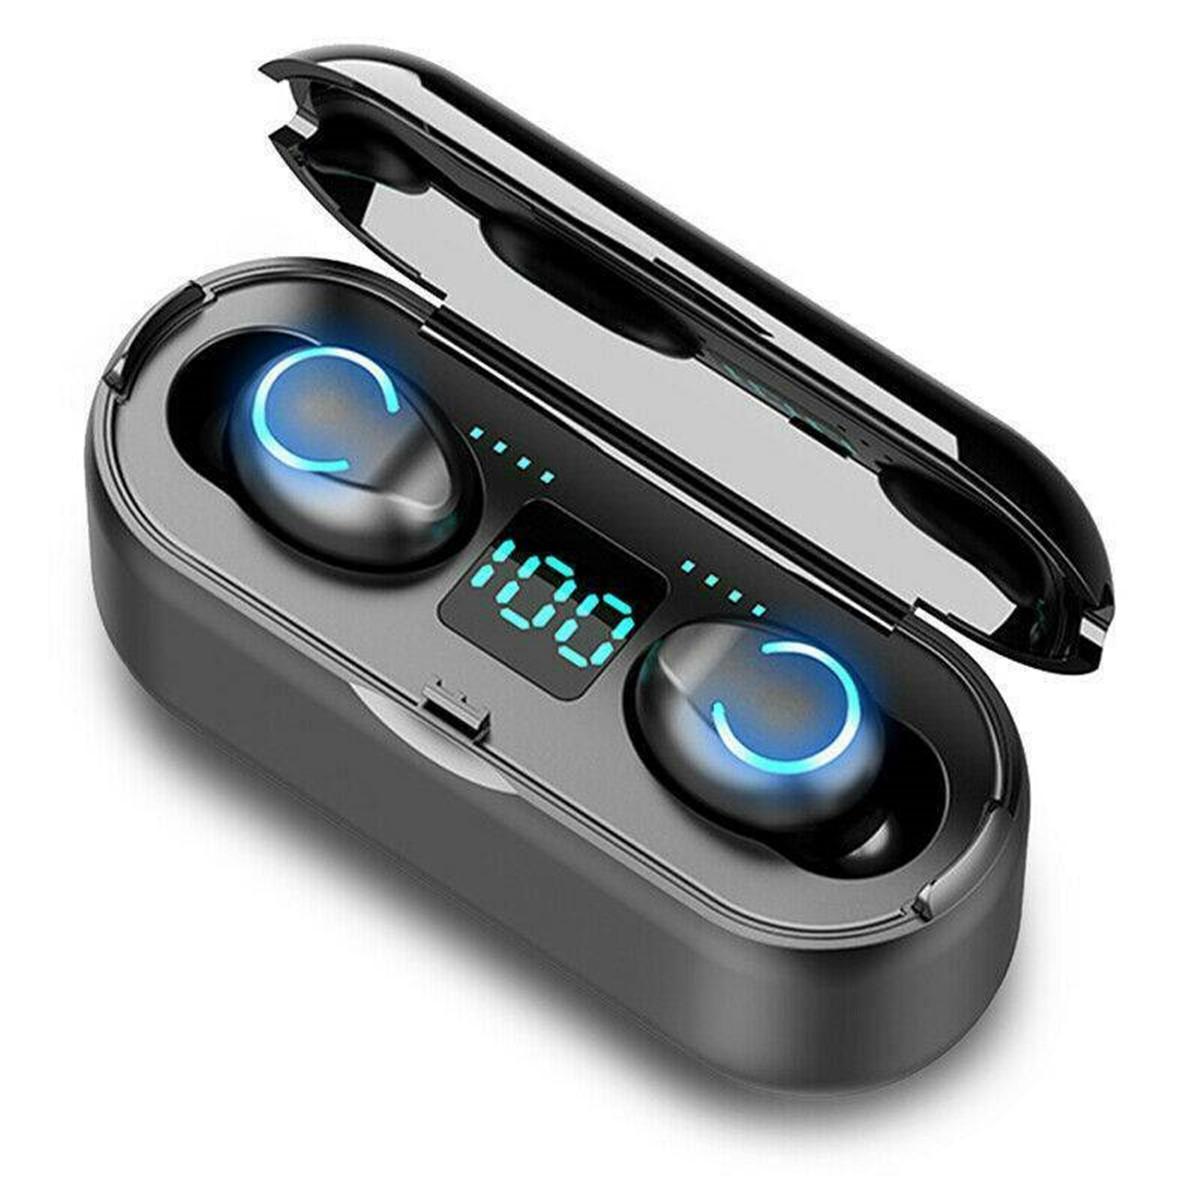 F9-8 TWS Беспроводные наушники Bluetooth 5.0 Наушник HiFi стерео 3500mAh Power Bank IPX7 Водонепроницаемы Наушники с мик